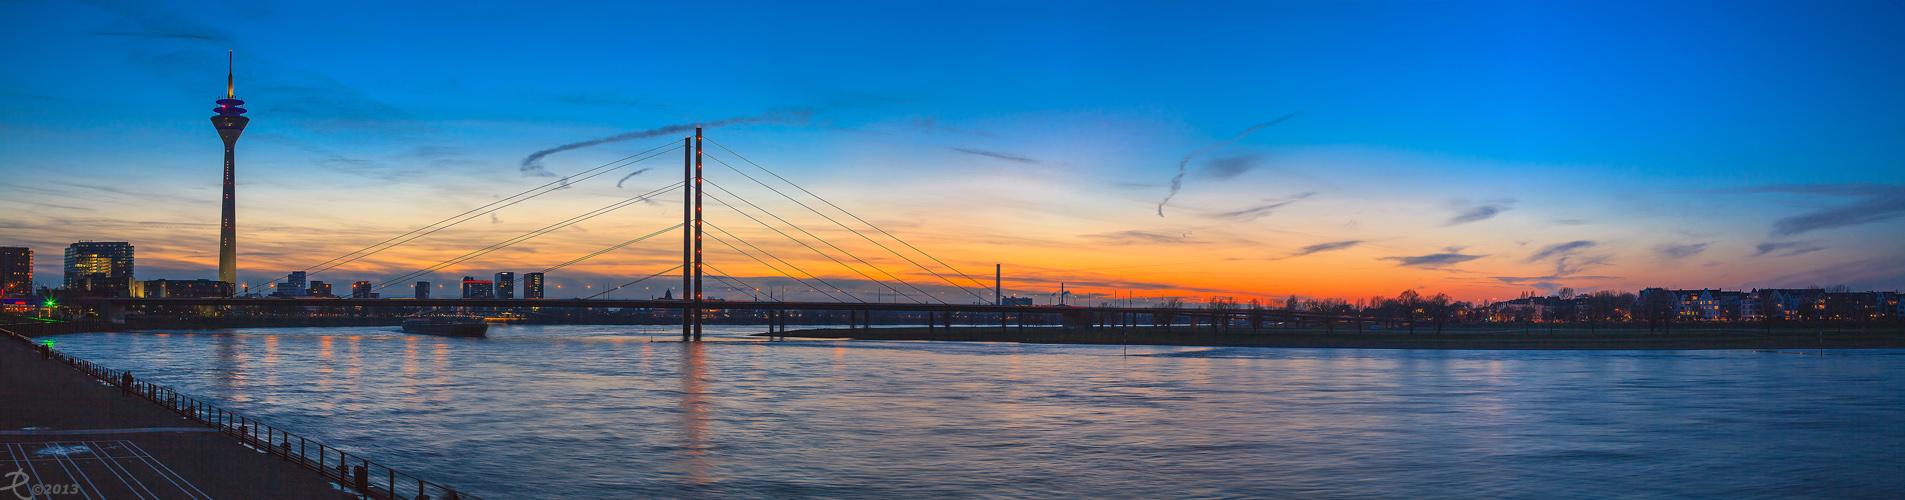 Düsseldorf - Rheinkniebrücke